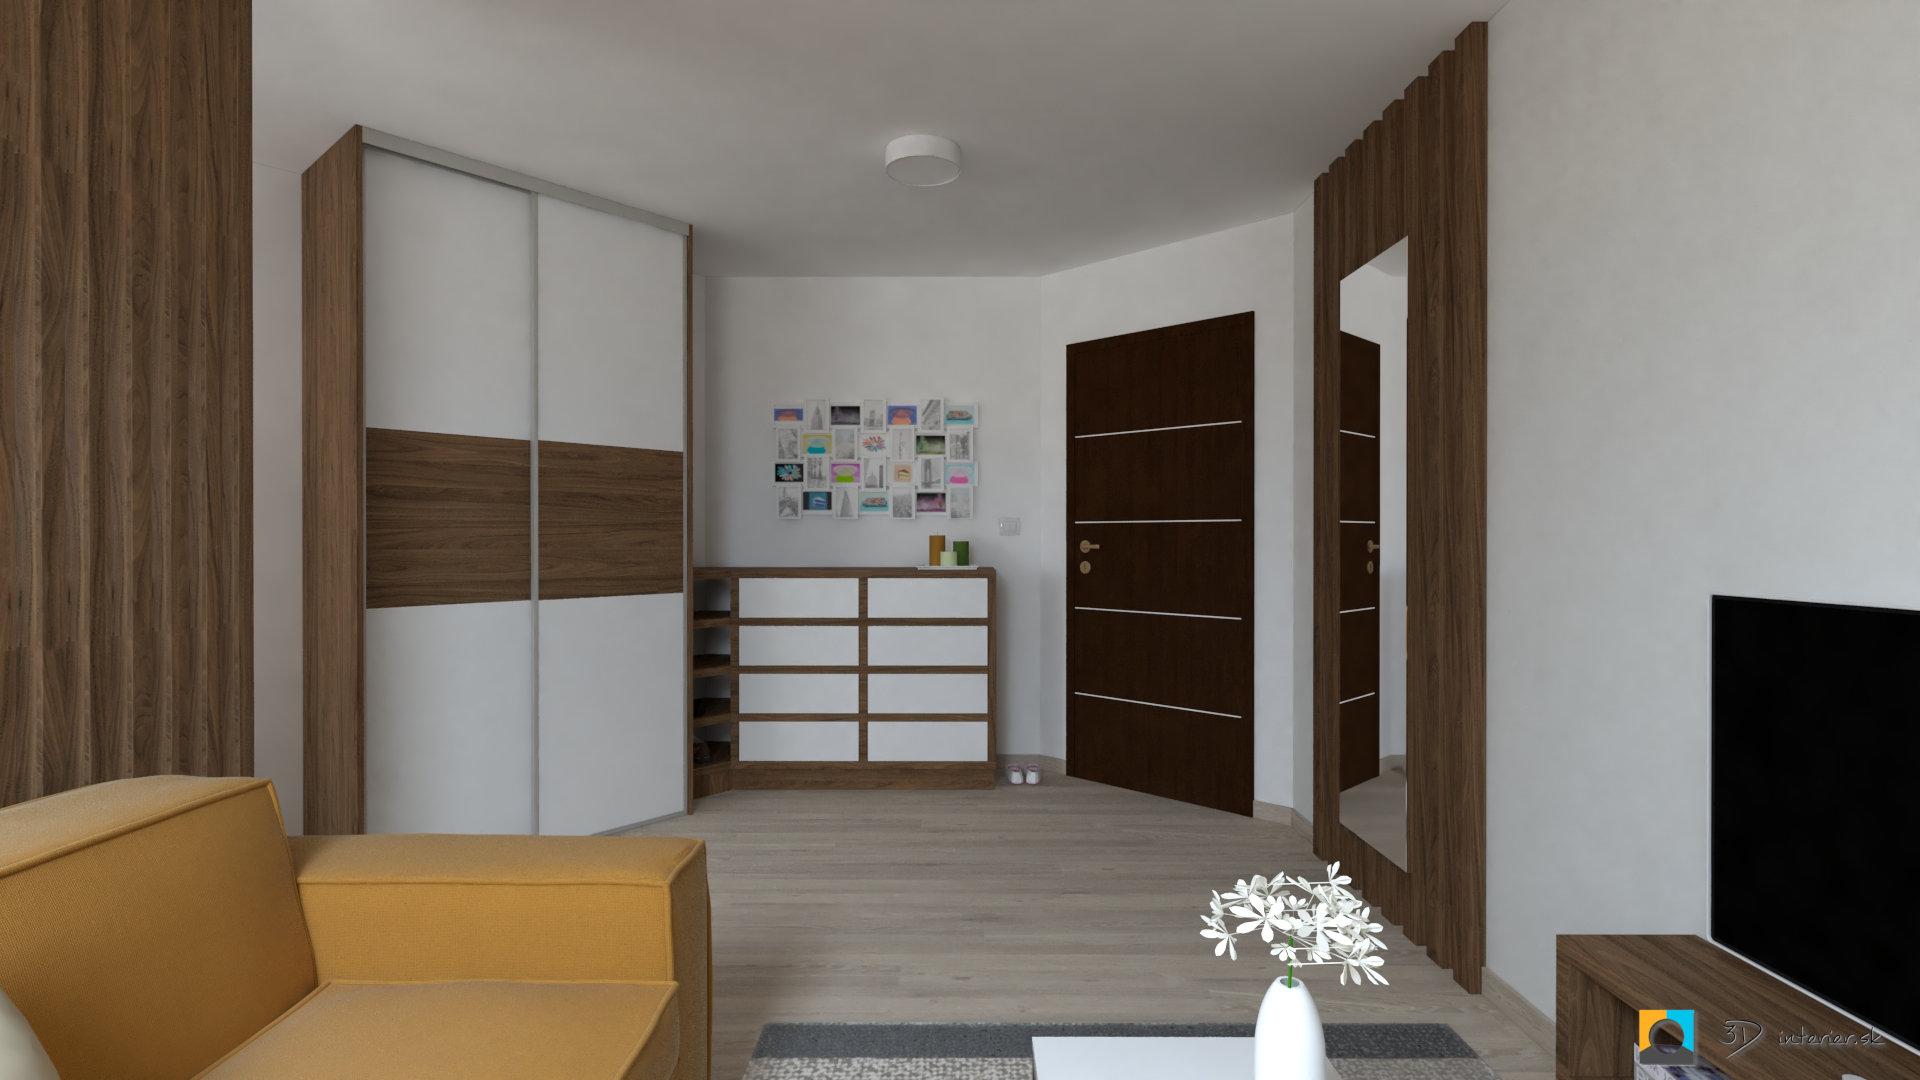 návrh interiéru izba komoda